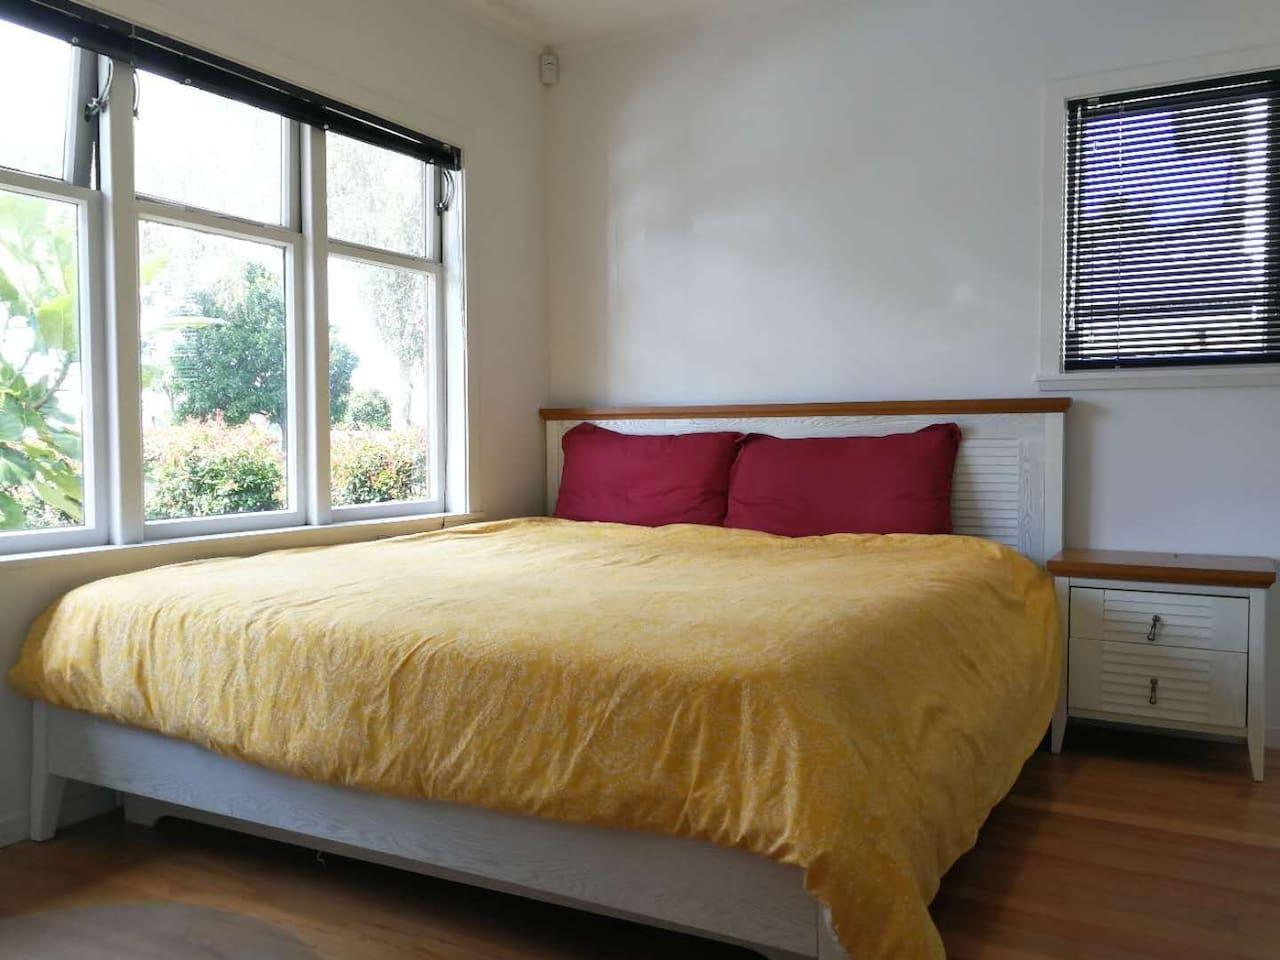 Kindsize bed